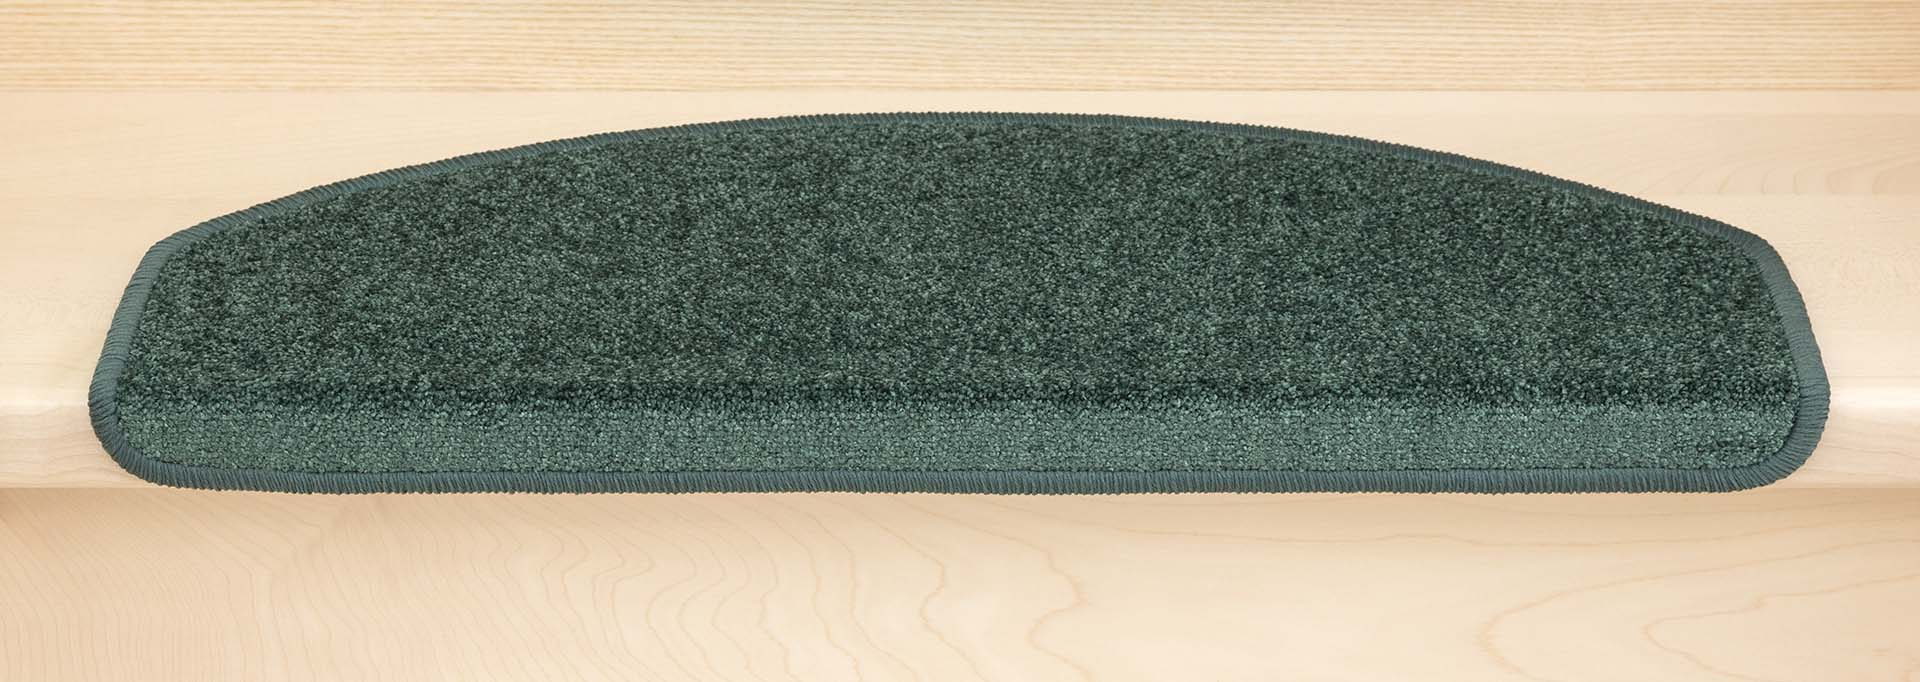 1 Stück Stufenmatte Vorwerk Miramar 6 aktuelle Farben